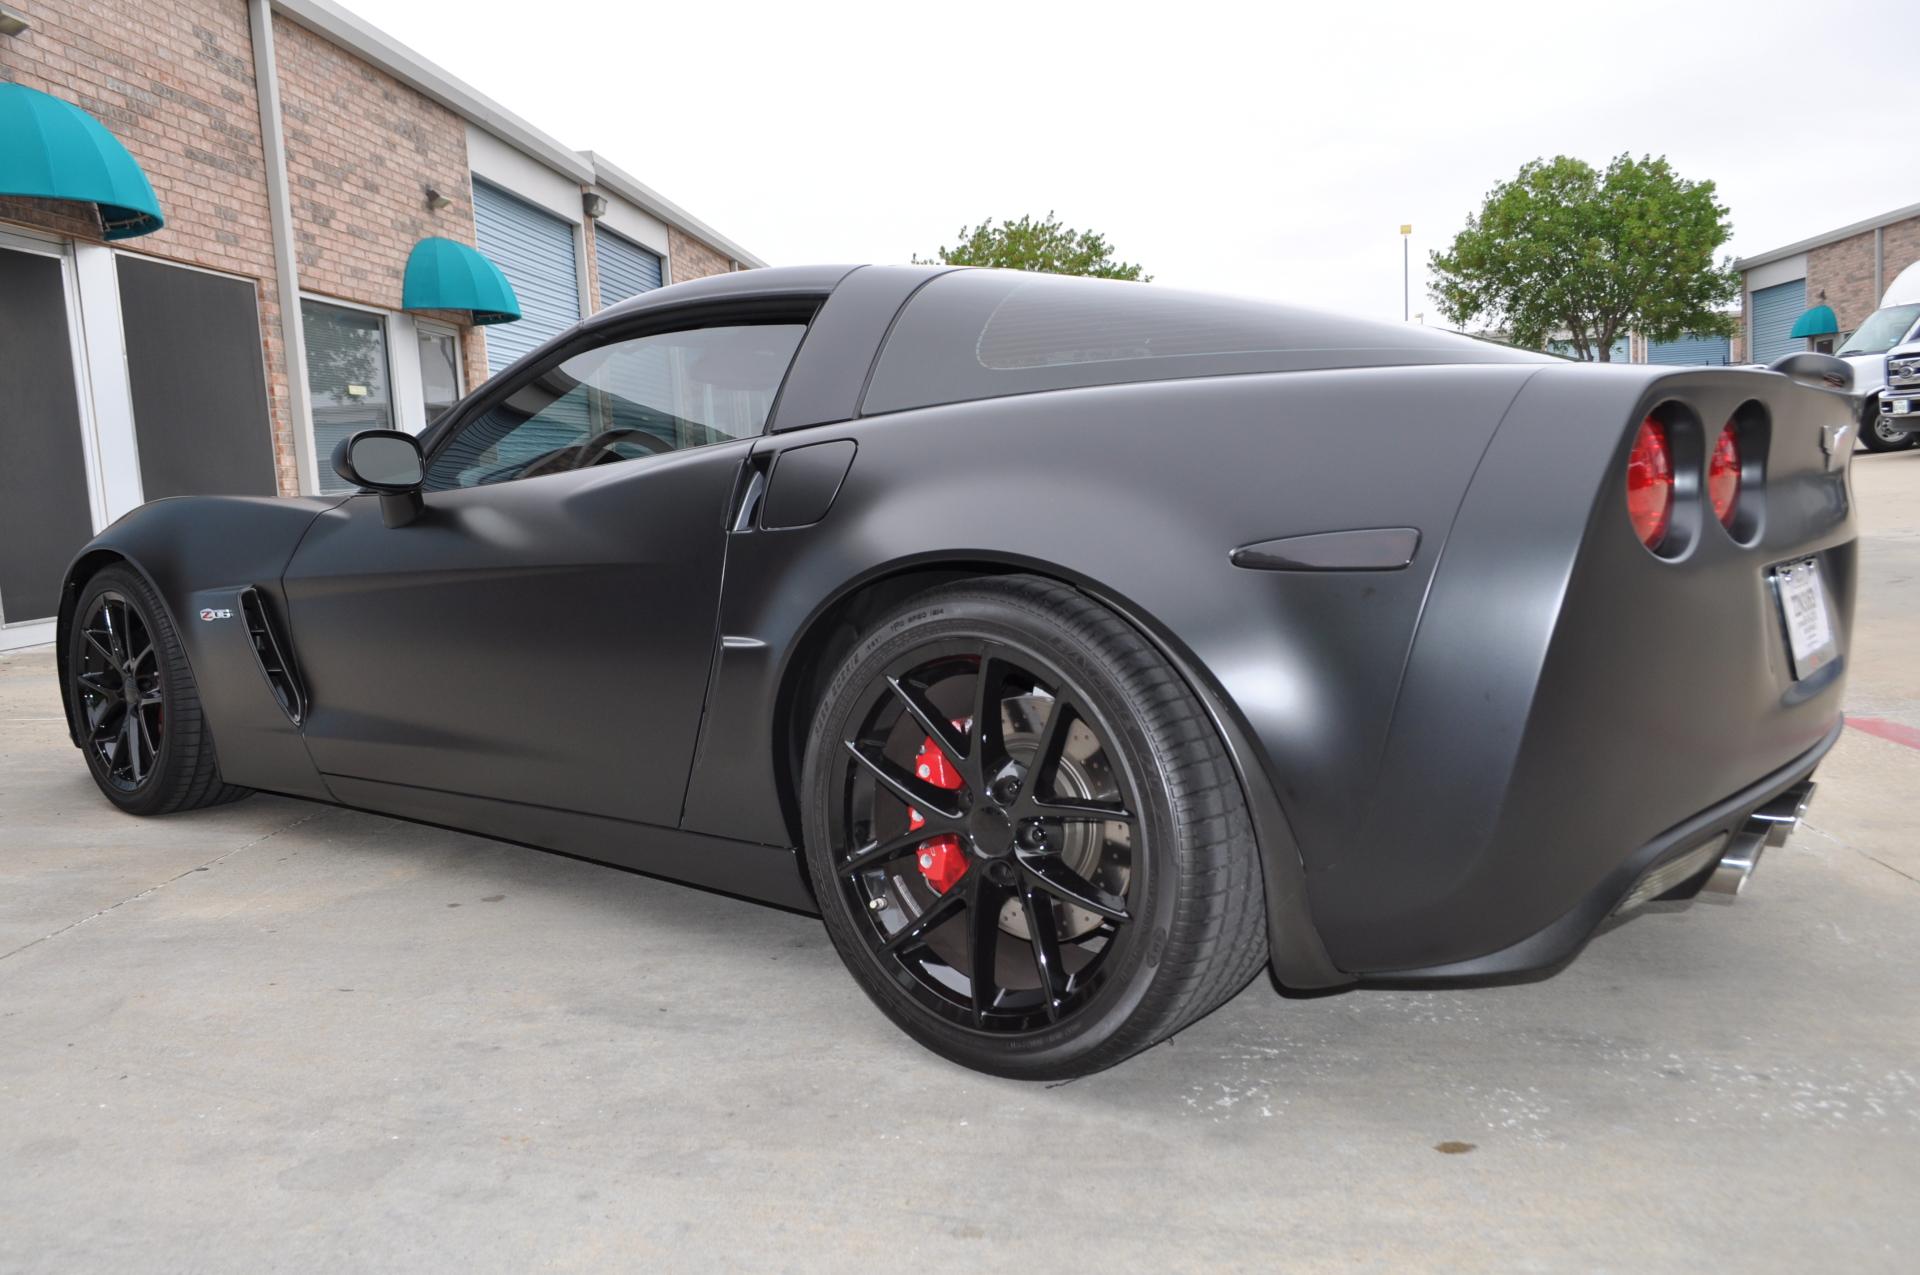 Satin Black Corvette wrap, satin black vehicle wrap, vehicle wraps dallas texas, vehicle wraps plano, vette wraps,